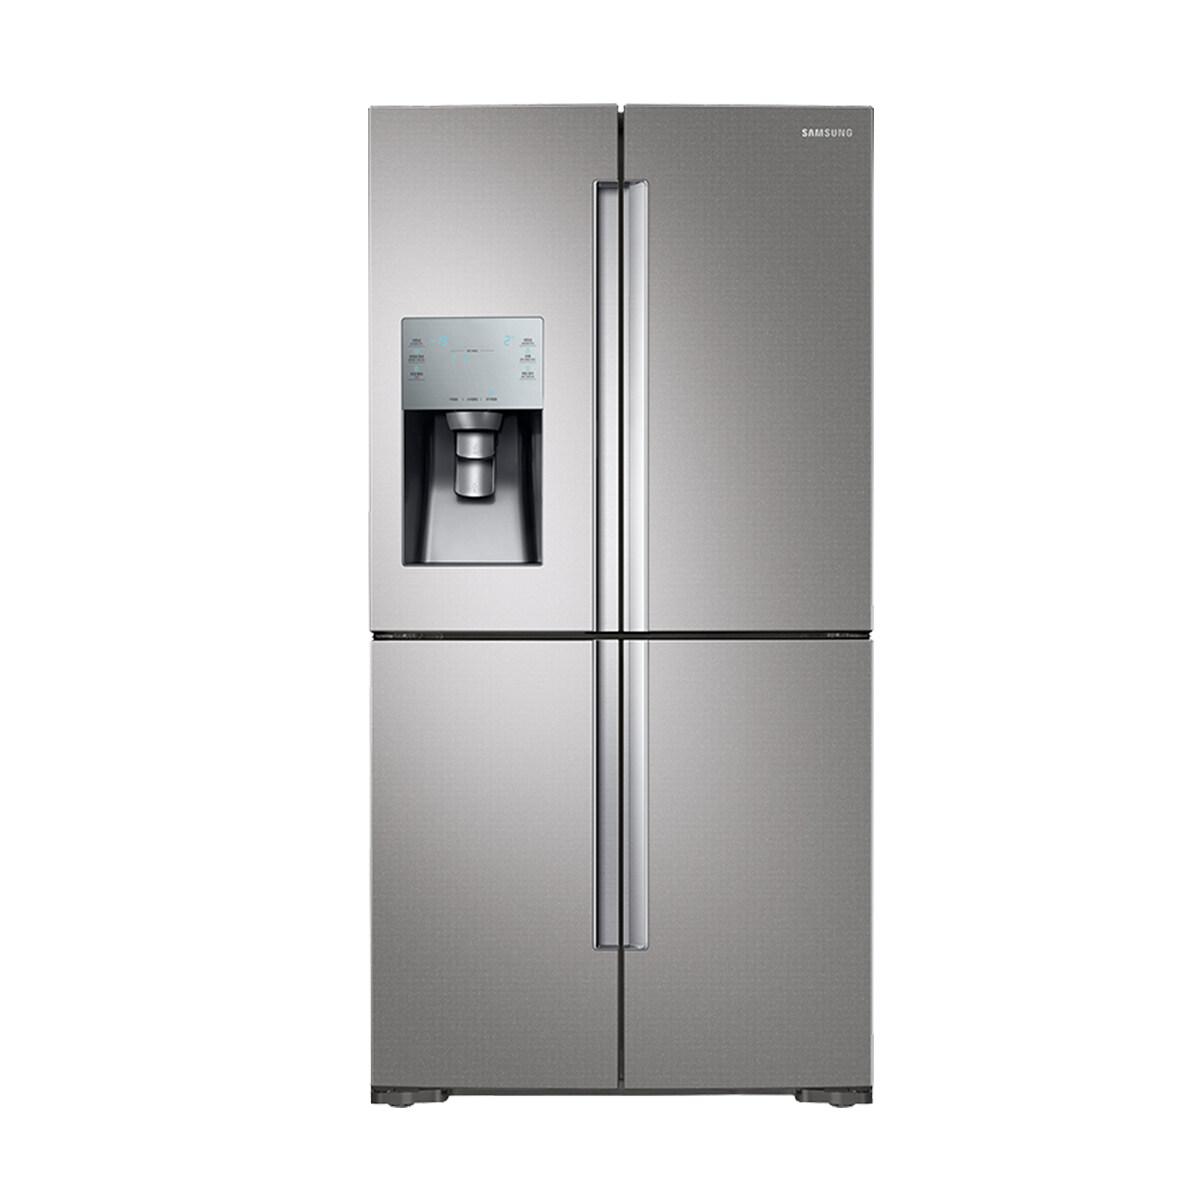 삼성 얼음정수기 T9000 냉장고 RF73N94U3XF 3단 정수필터